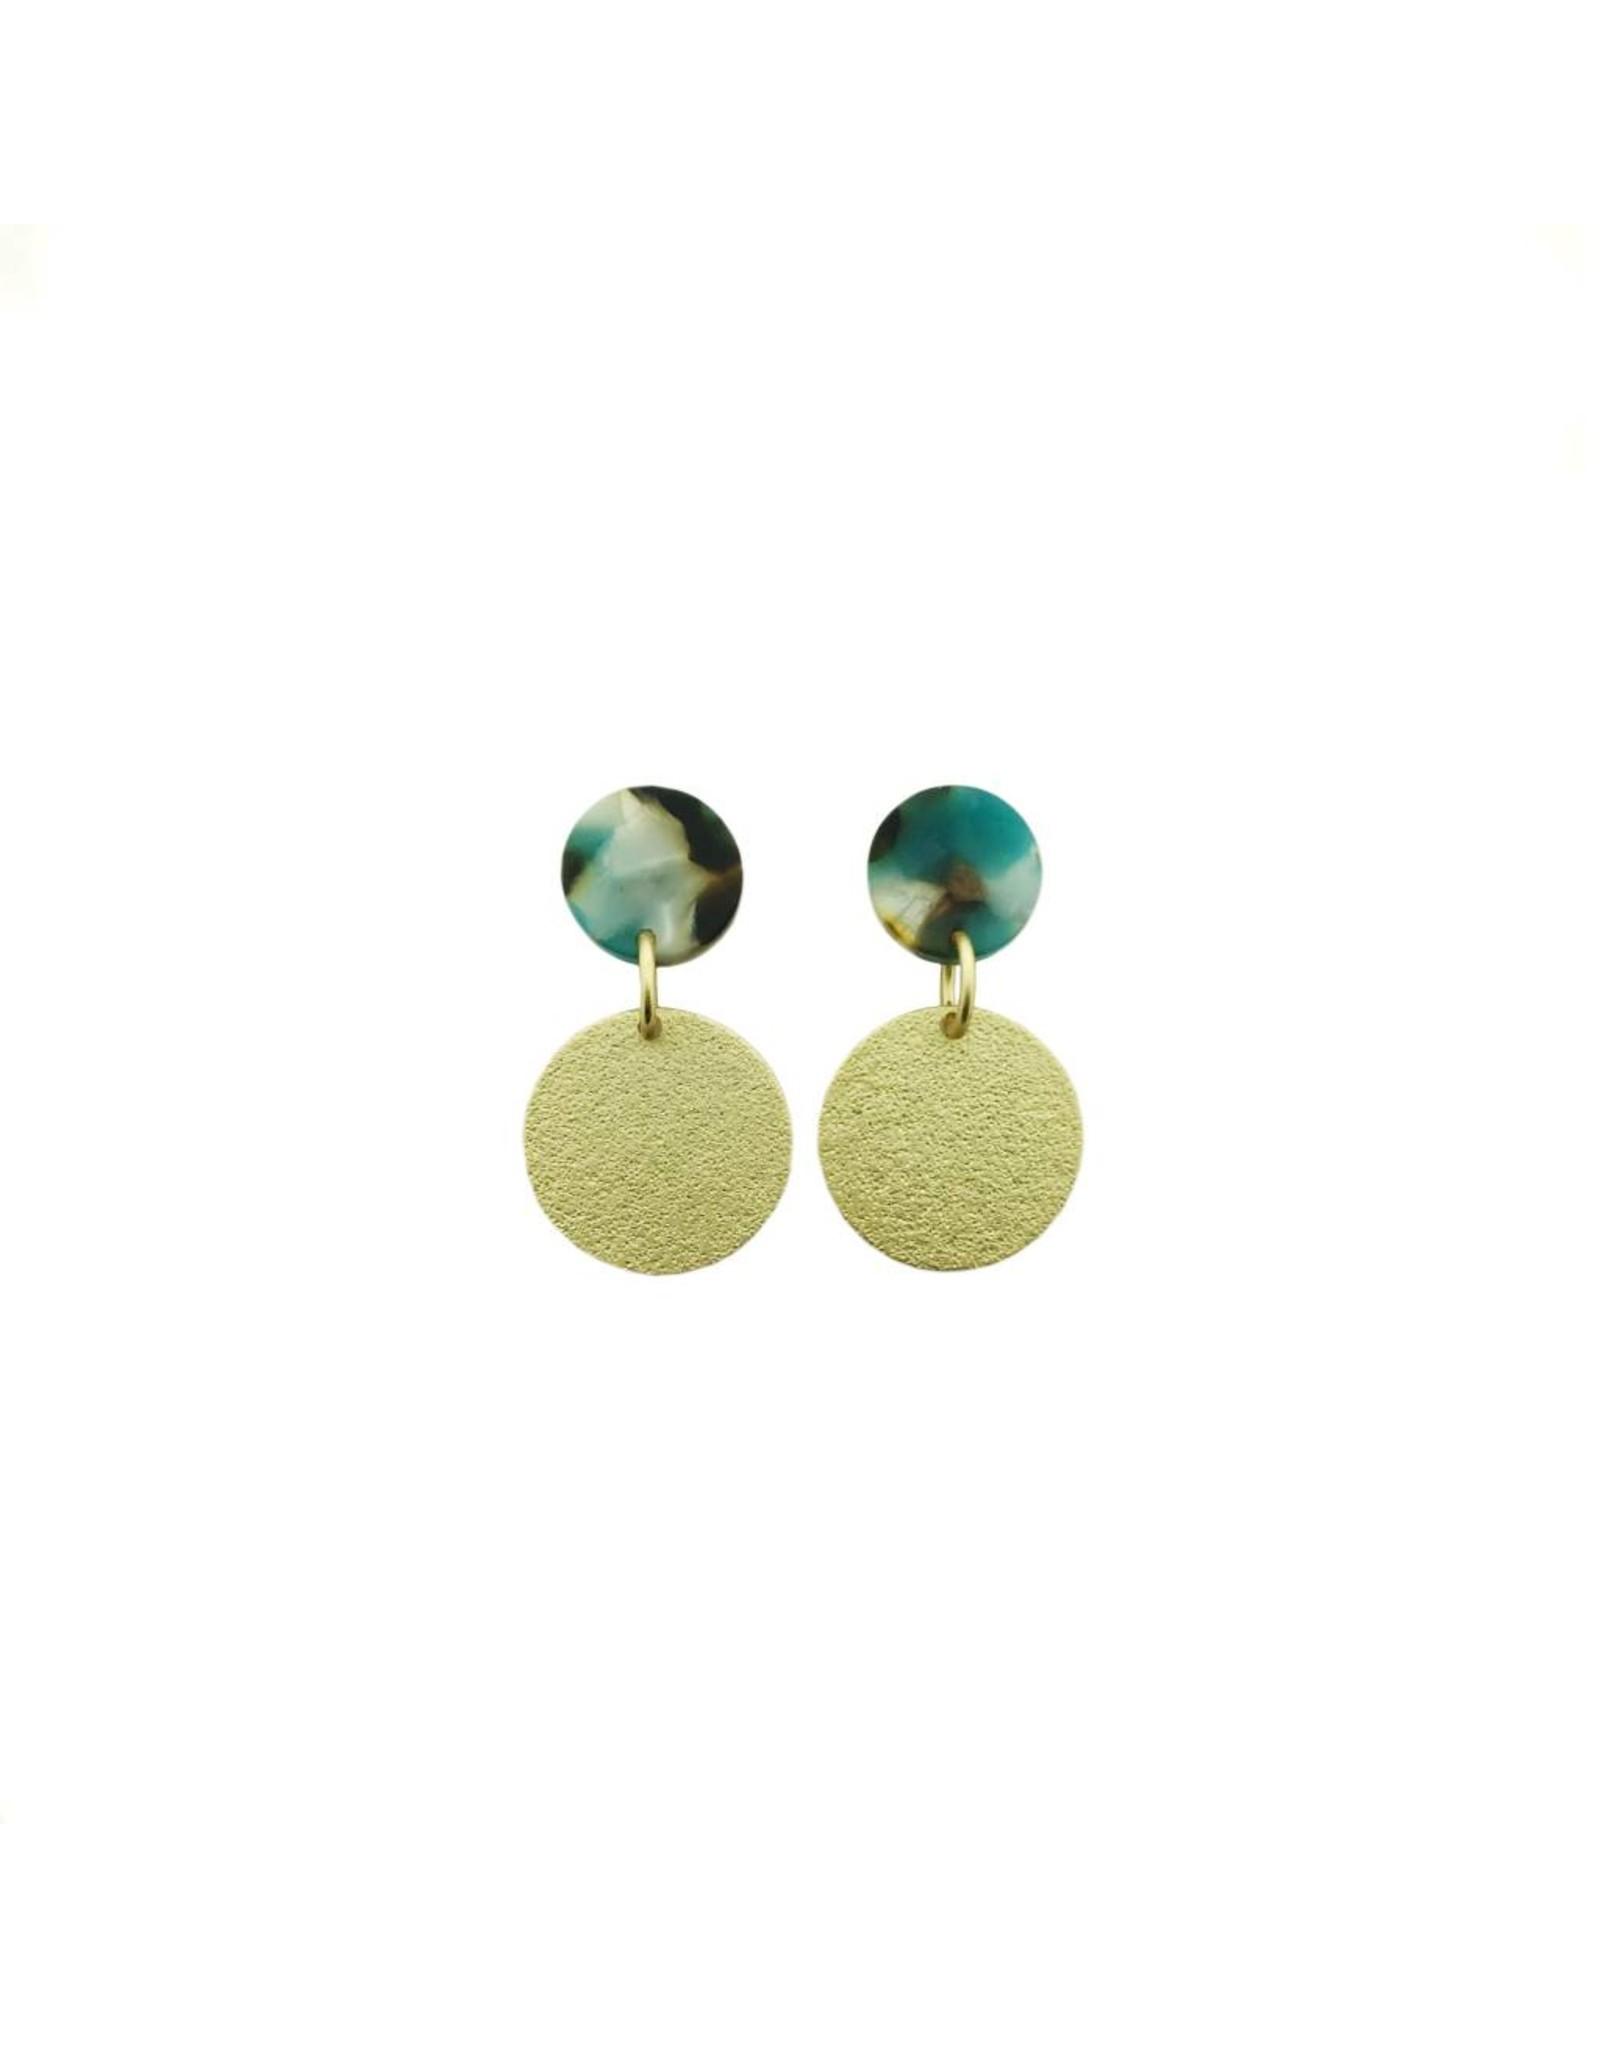 oorbEllen acryl 12mm turquoise volle cirkel